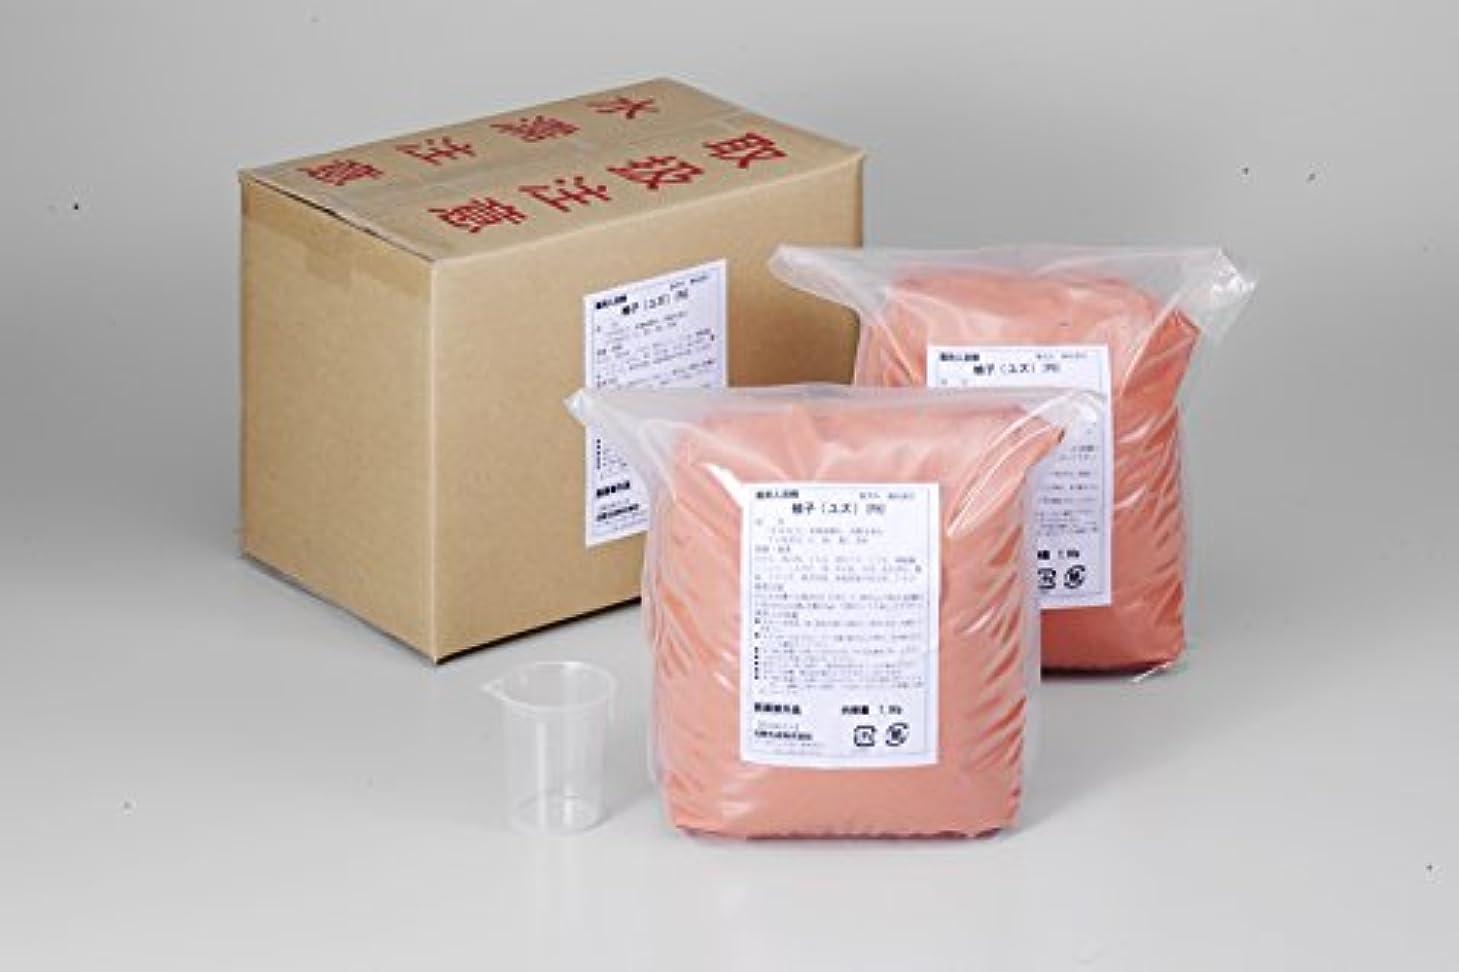 上記の頭と肩ペデスタル可聴業務用入浴剤「ユズ」15kg(7.5kg×2)